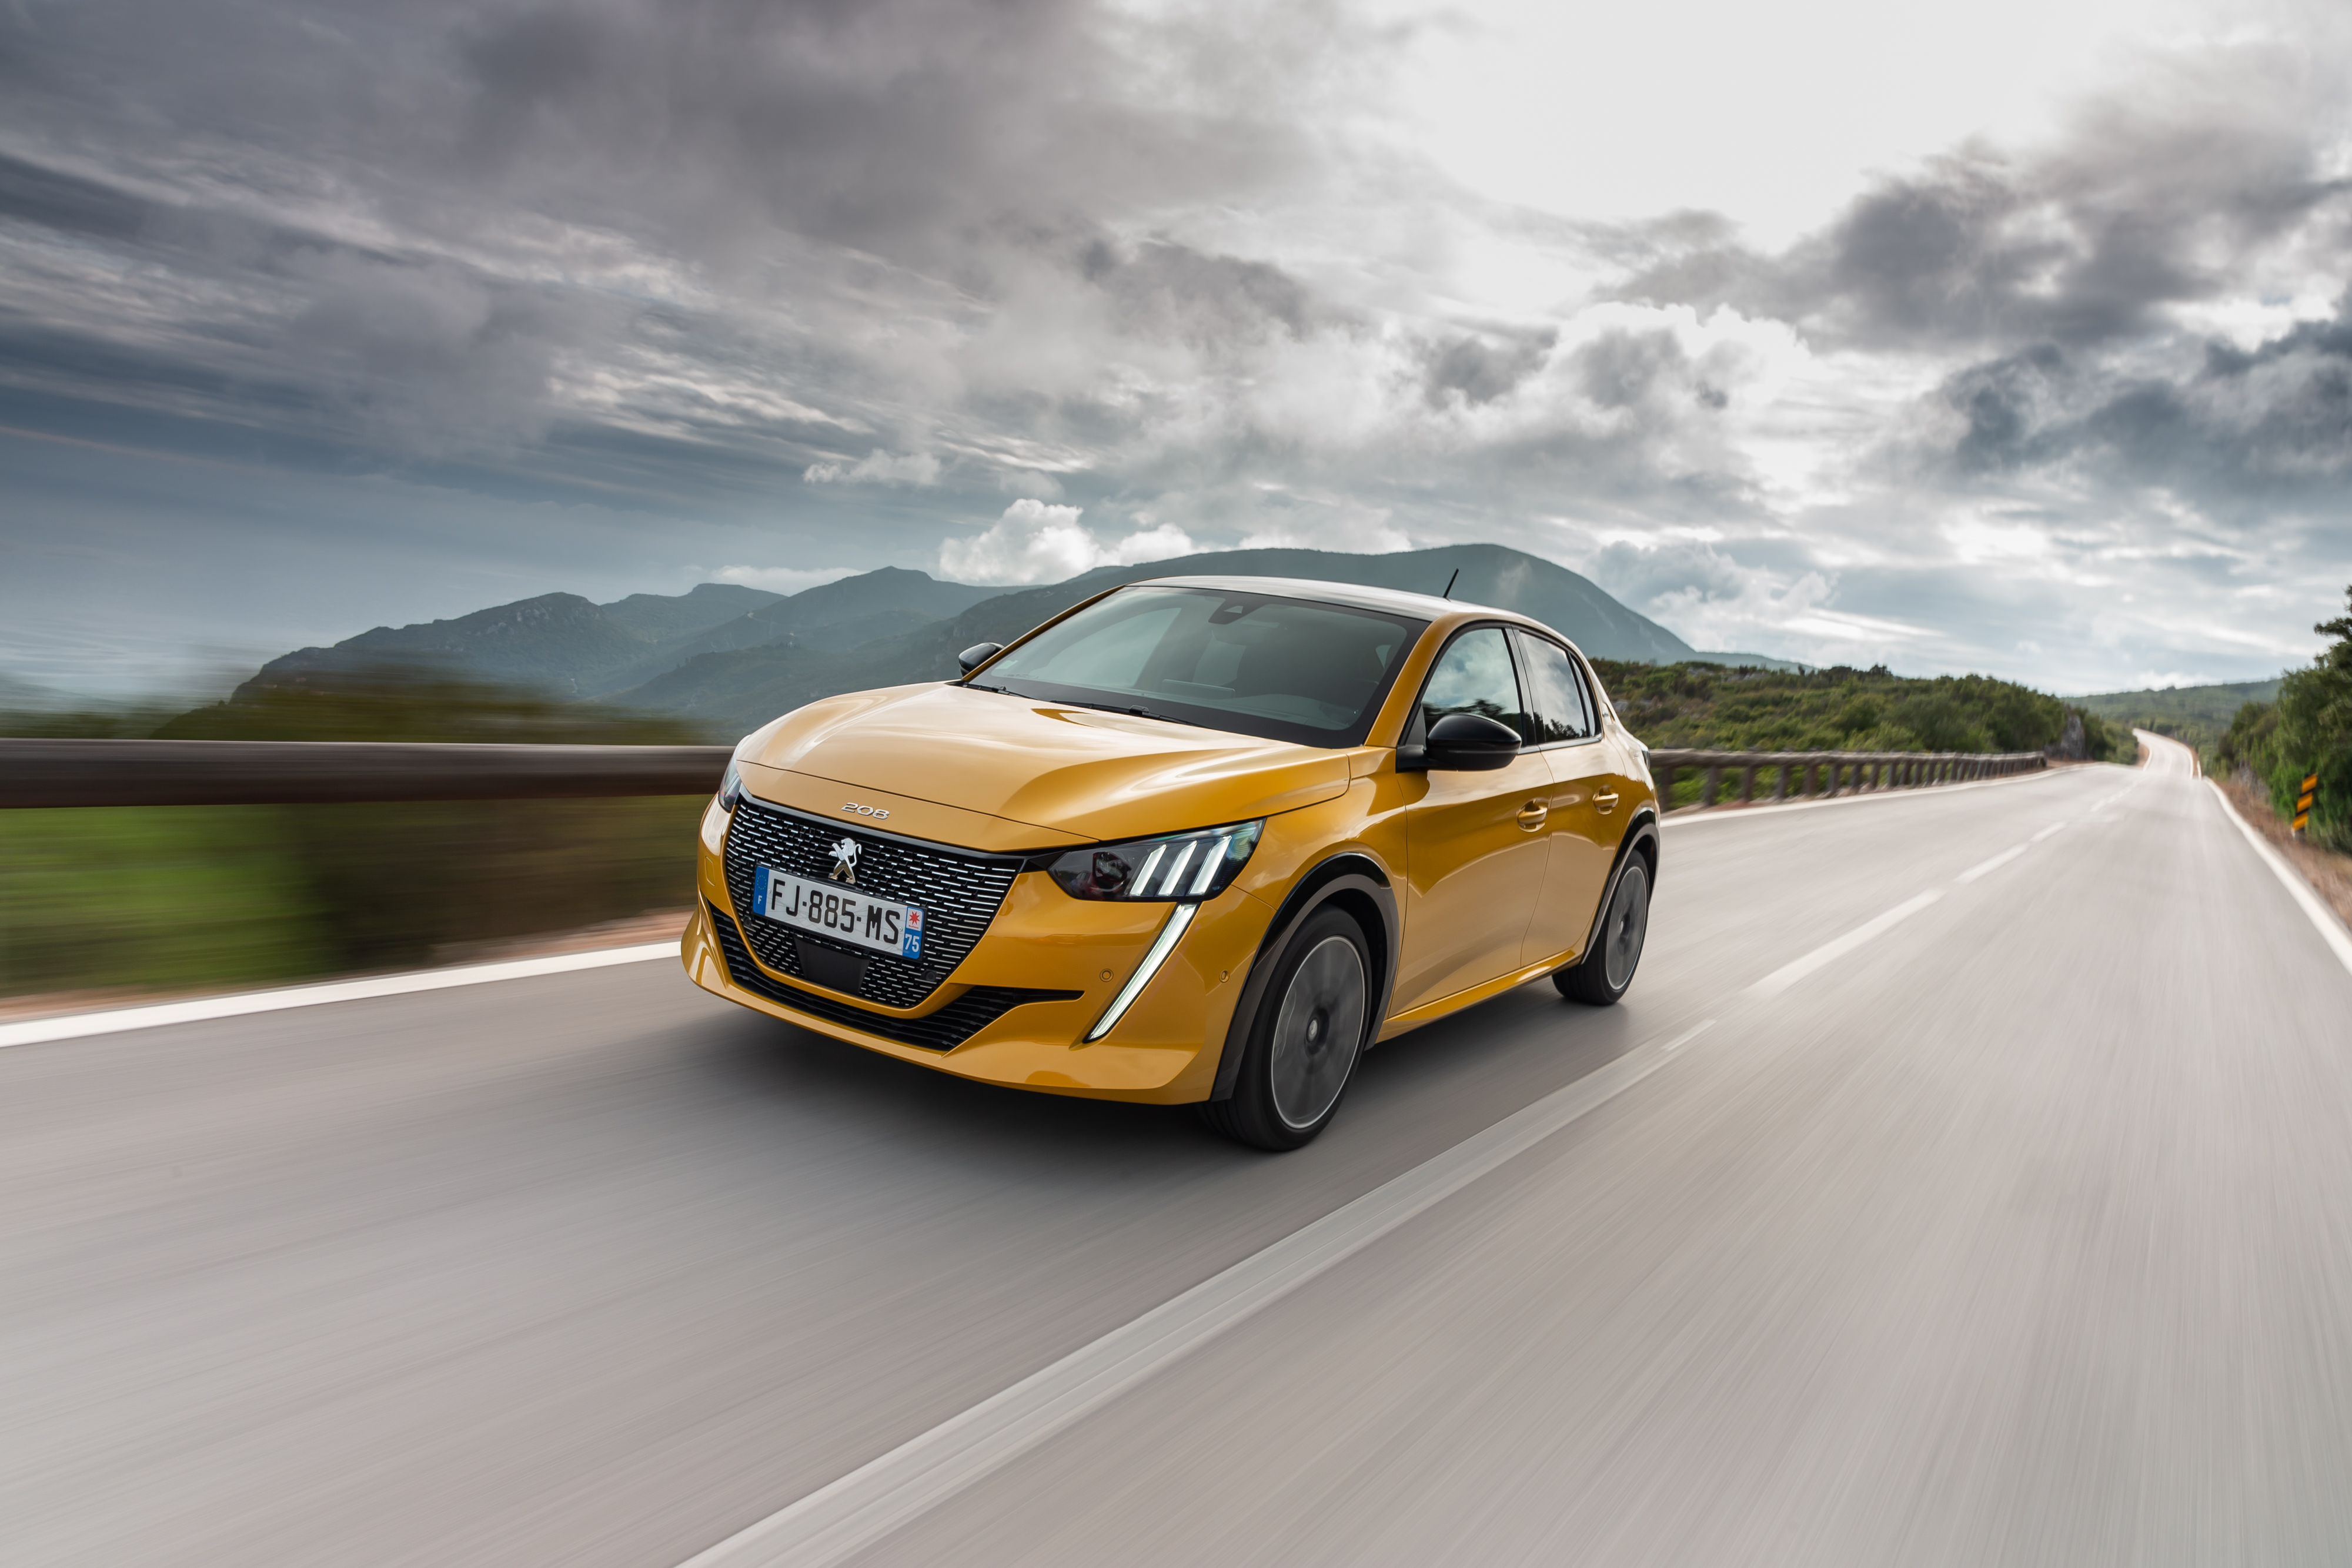 Noul Peugeot 208 este Masina Anului 2020 in Europa